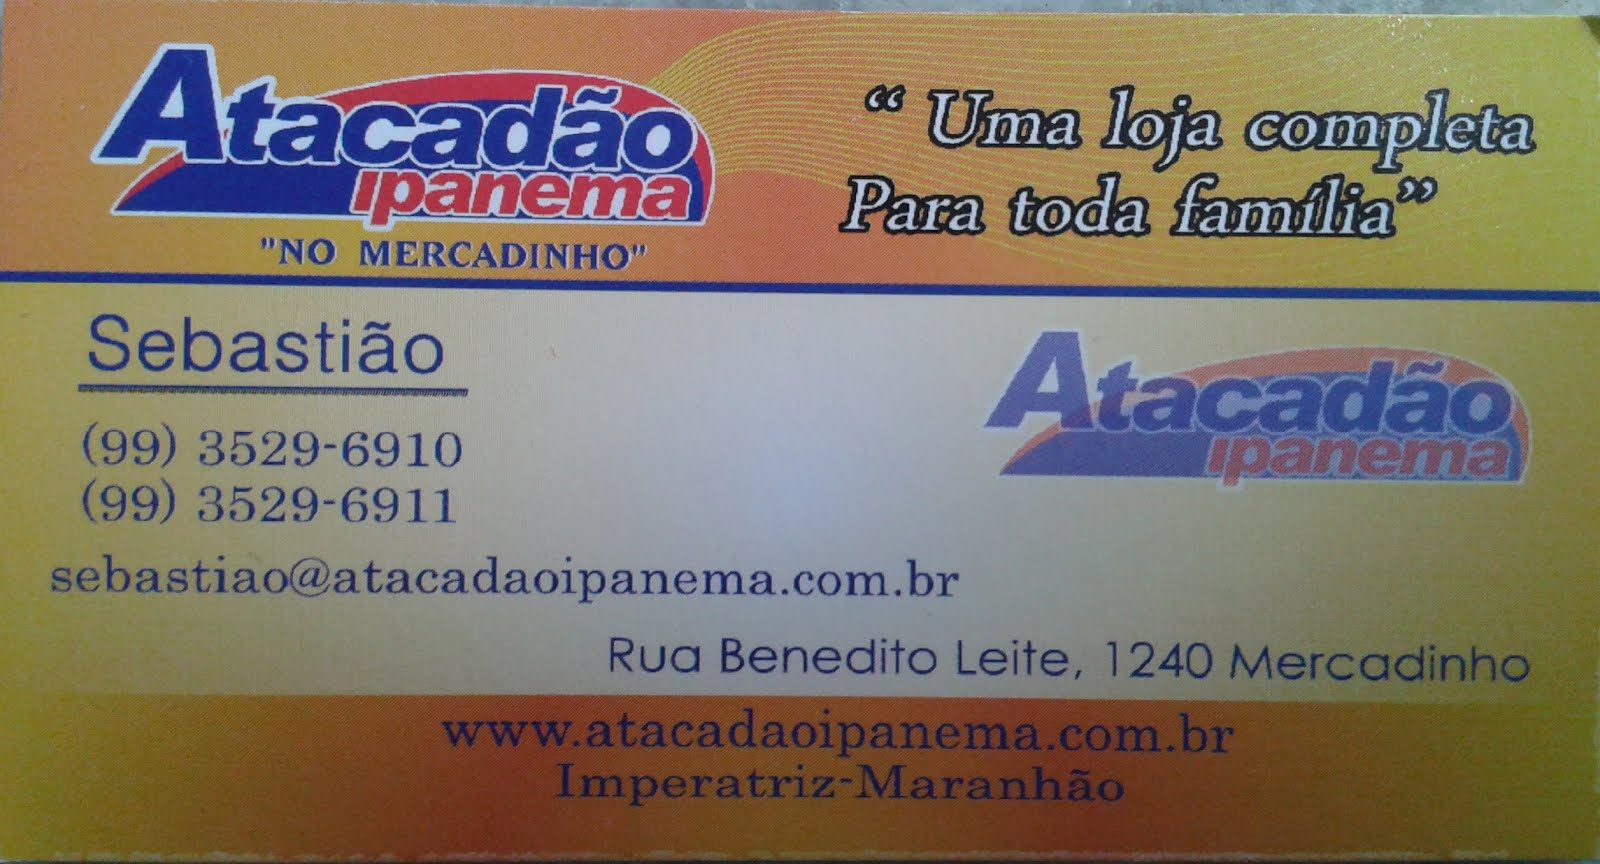 Atacadão Ipanema no Mercadinho.